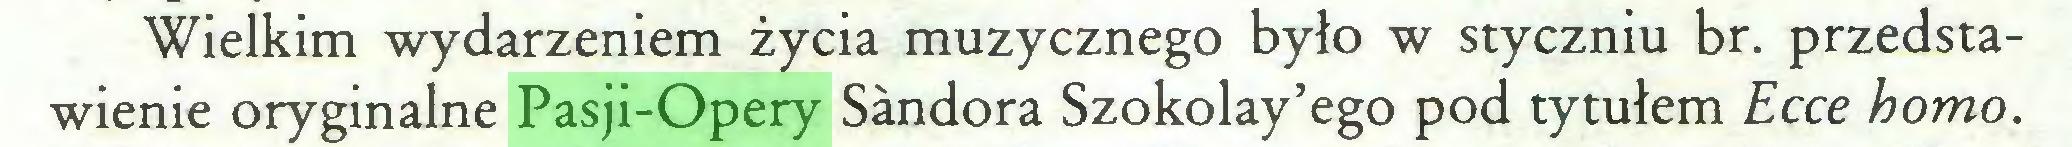 (...) Wielkim wydarzeniem życia muzycznego było w styczniu br. przedstawienie oryginalne Pasji-Opery Sandora Szokolay'ego pod tytułem Ecce homo...